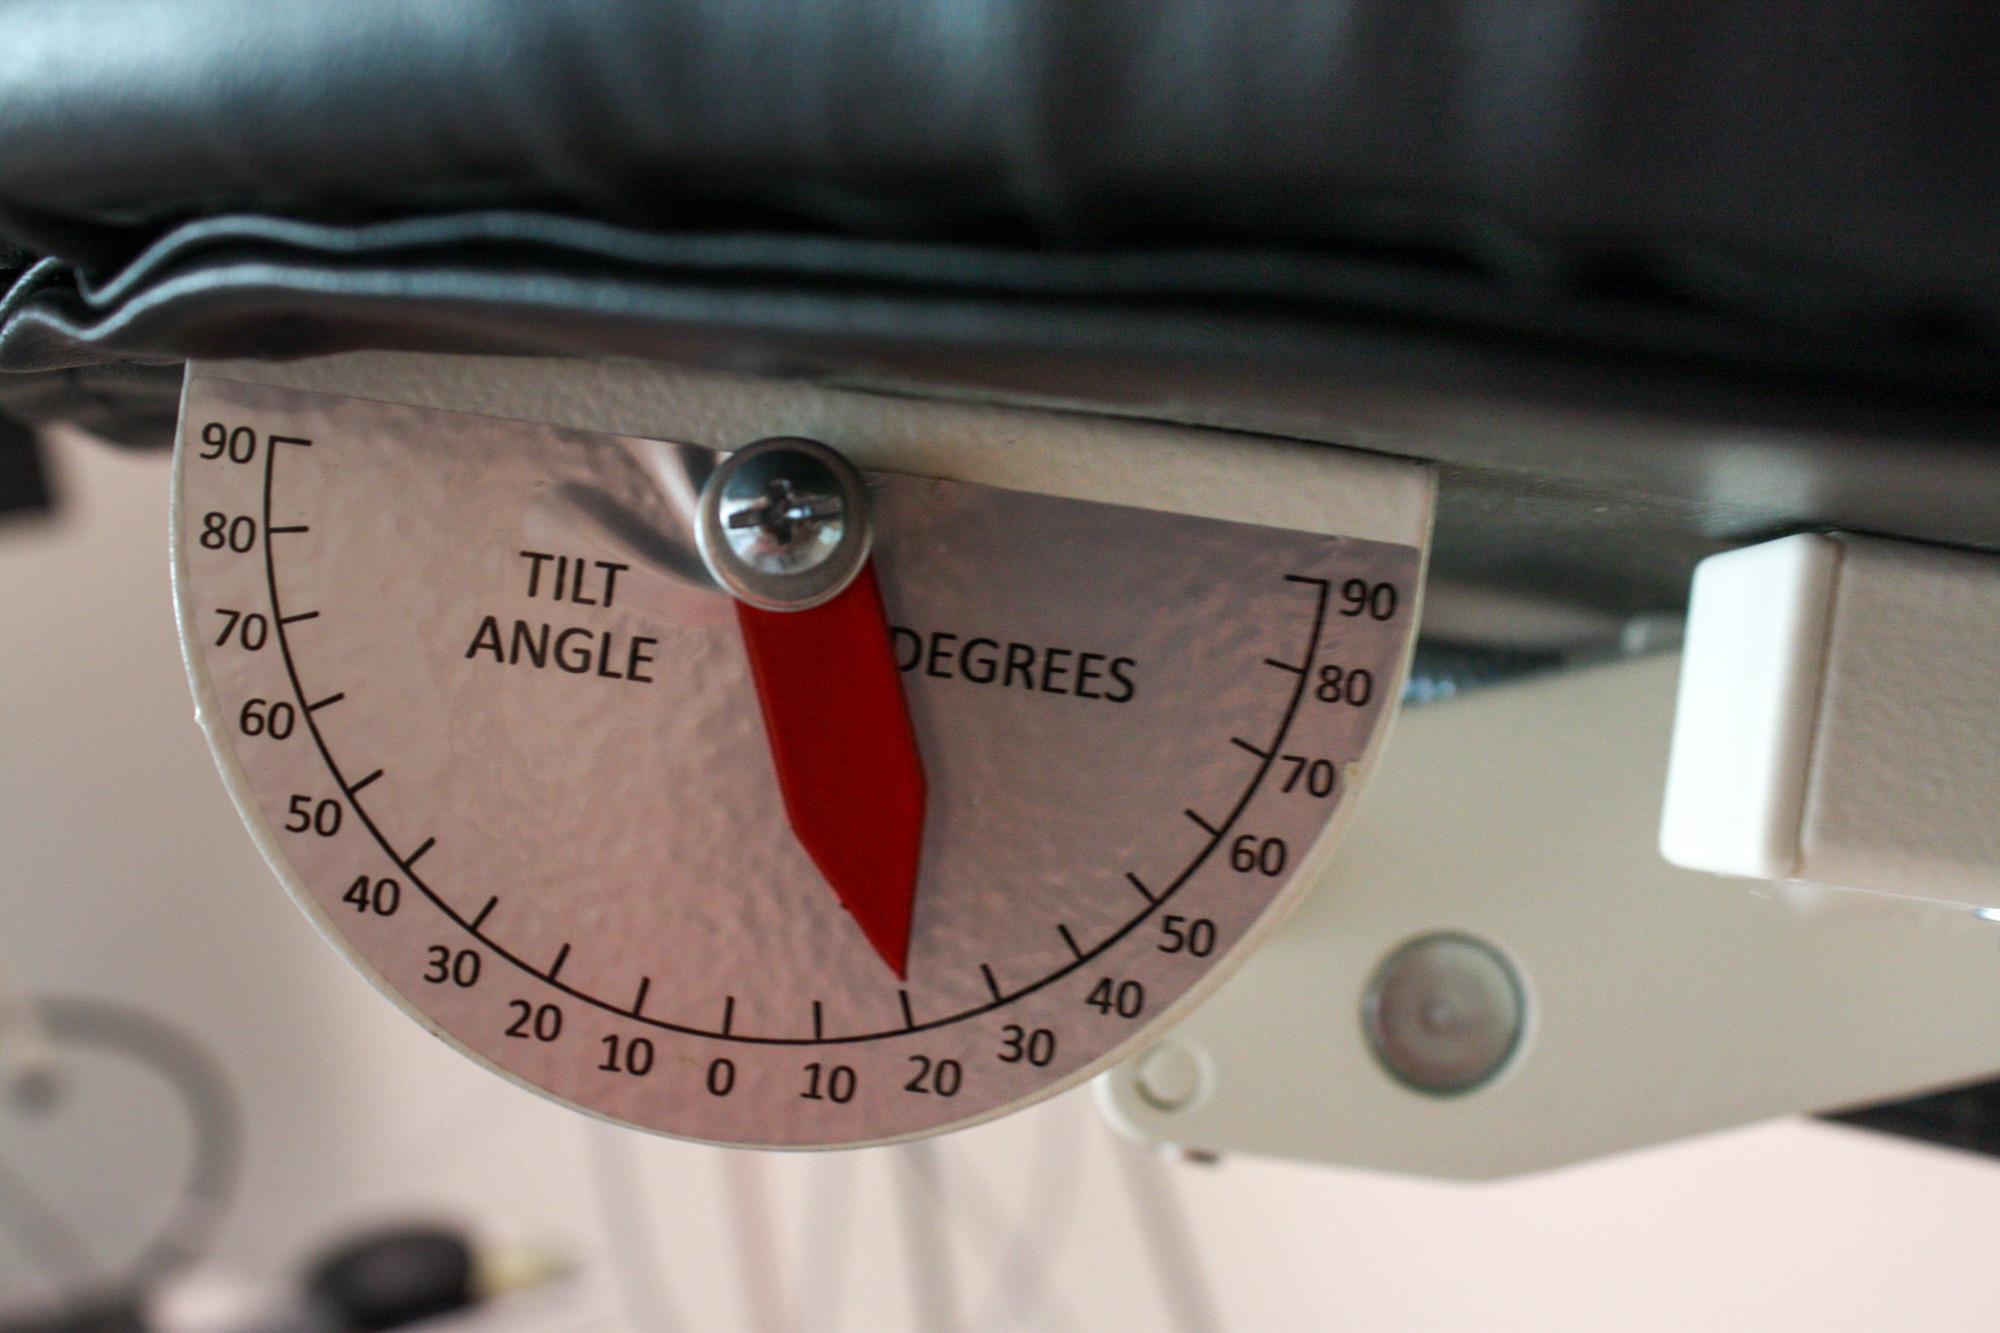 Tilt table degrees